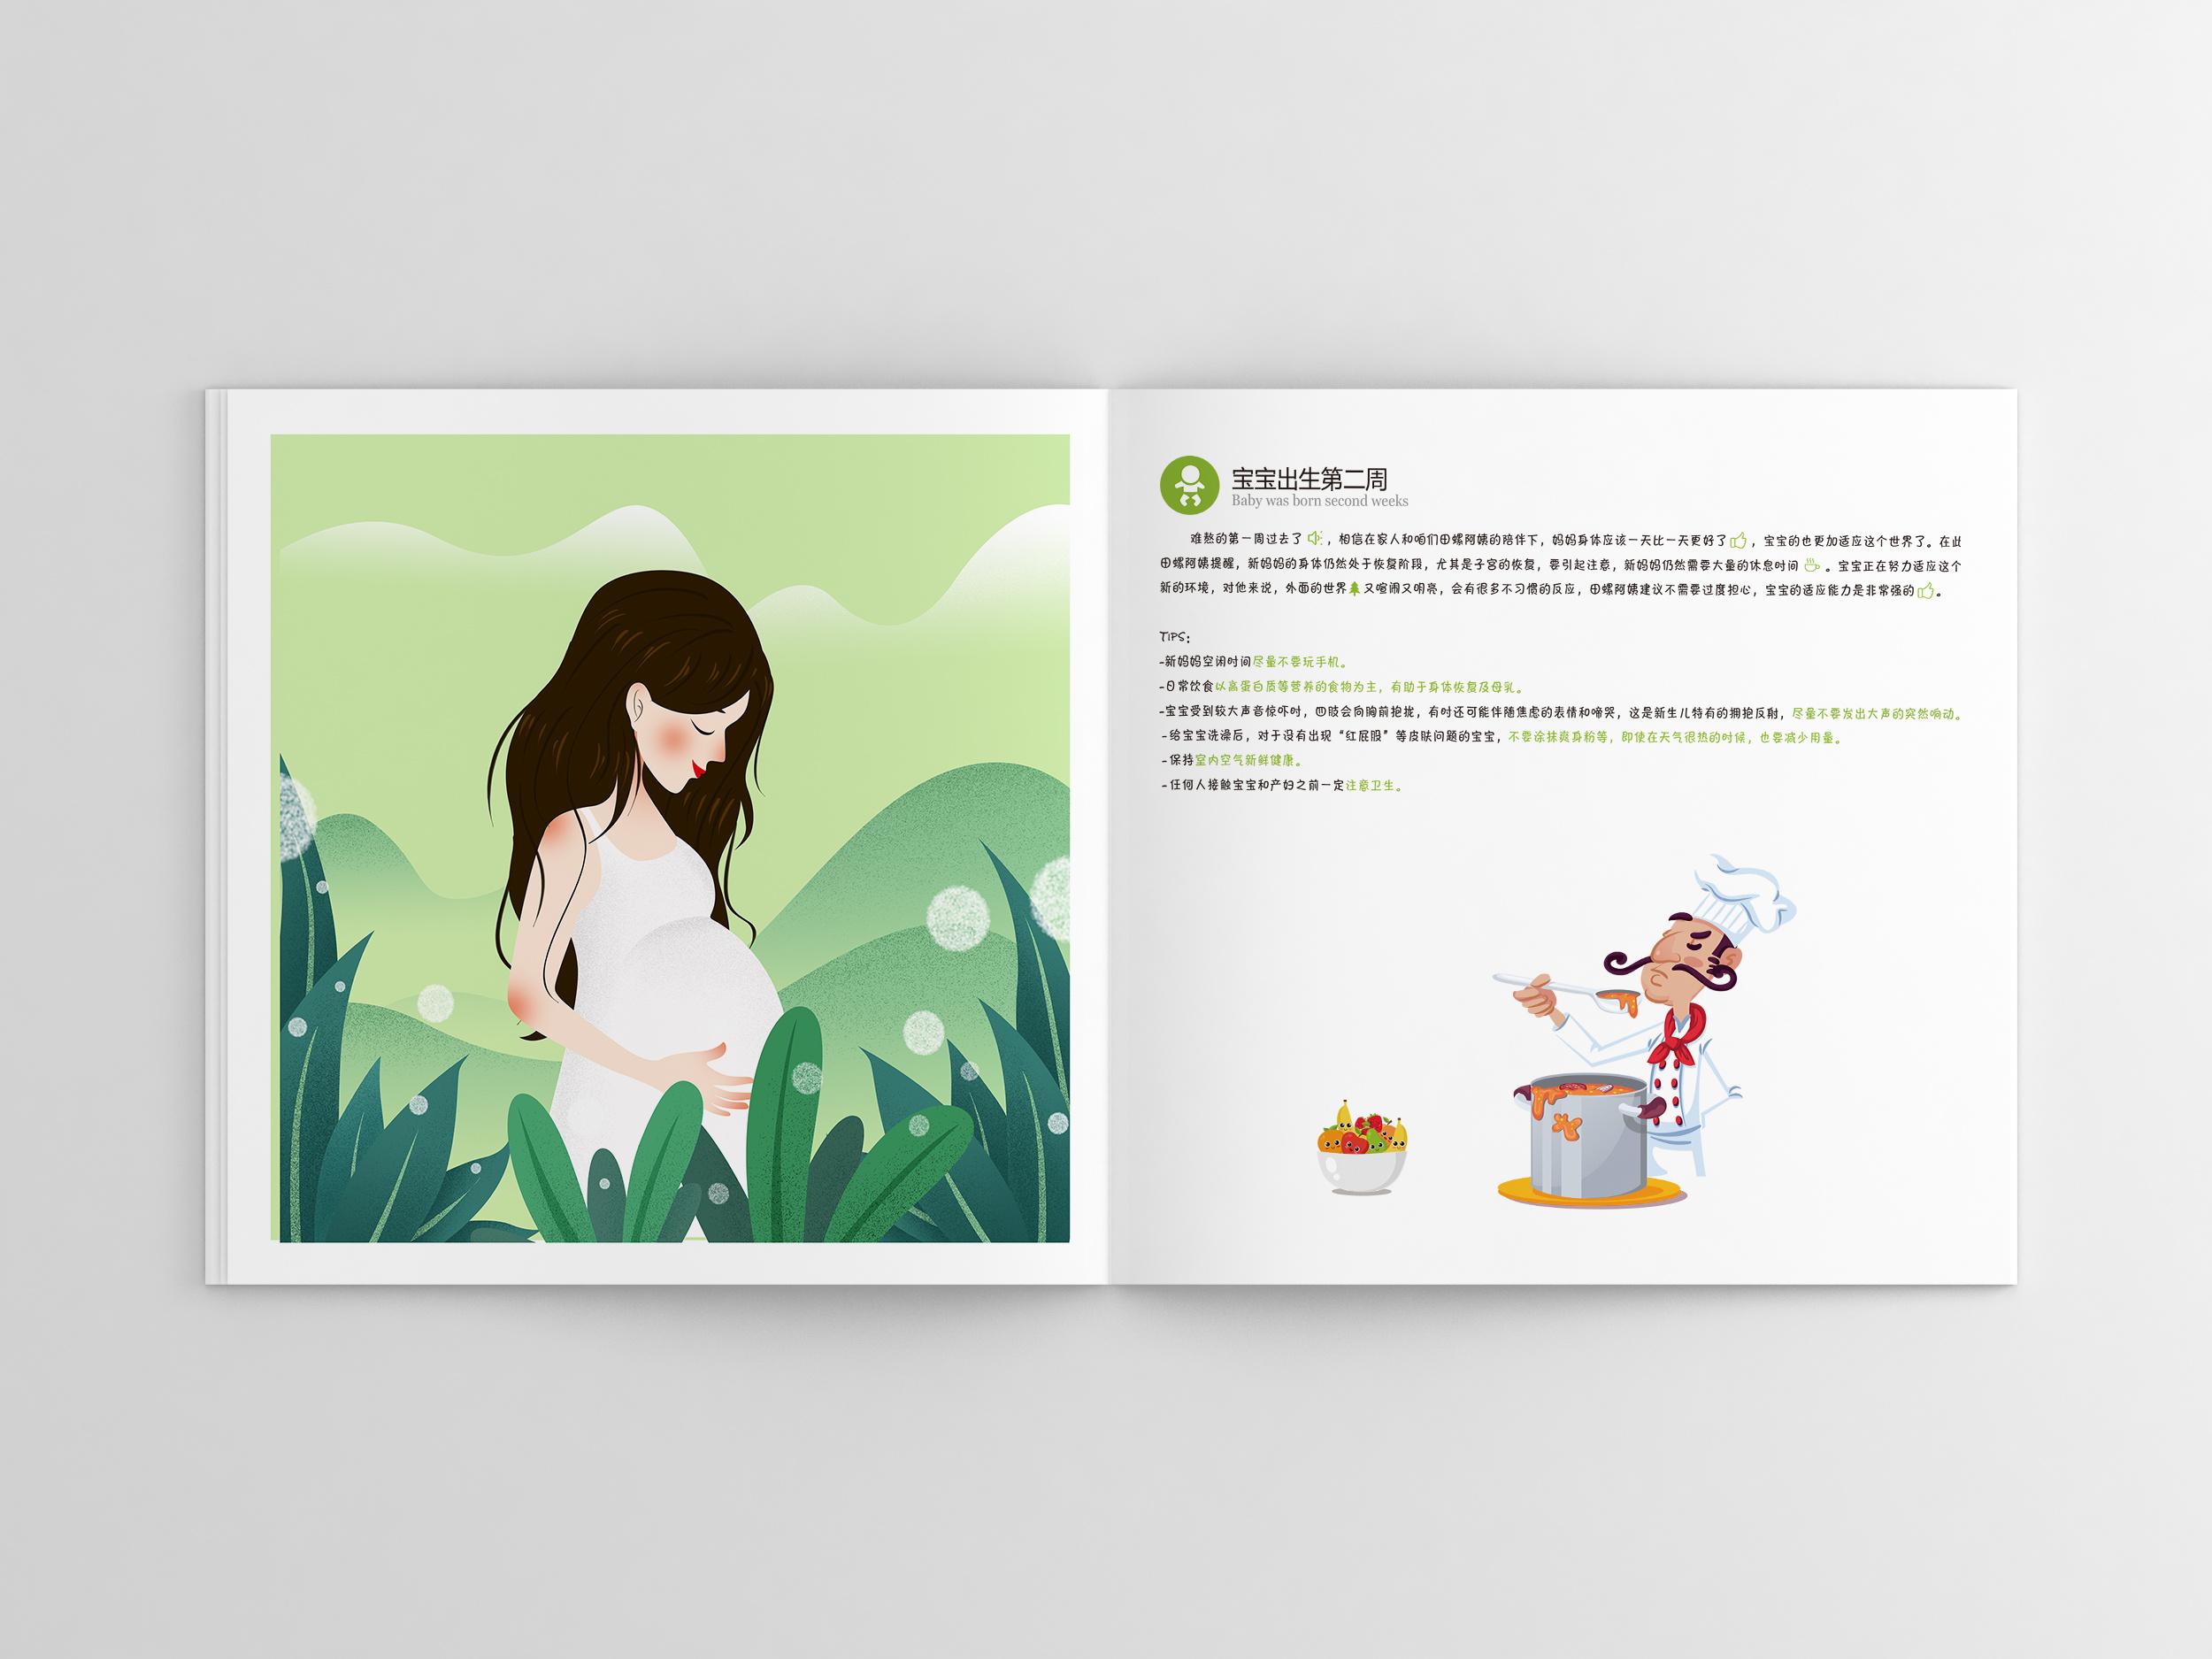 母婴护理日志表|平面|宣传品|萌萌哒的小新 - 原创